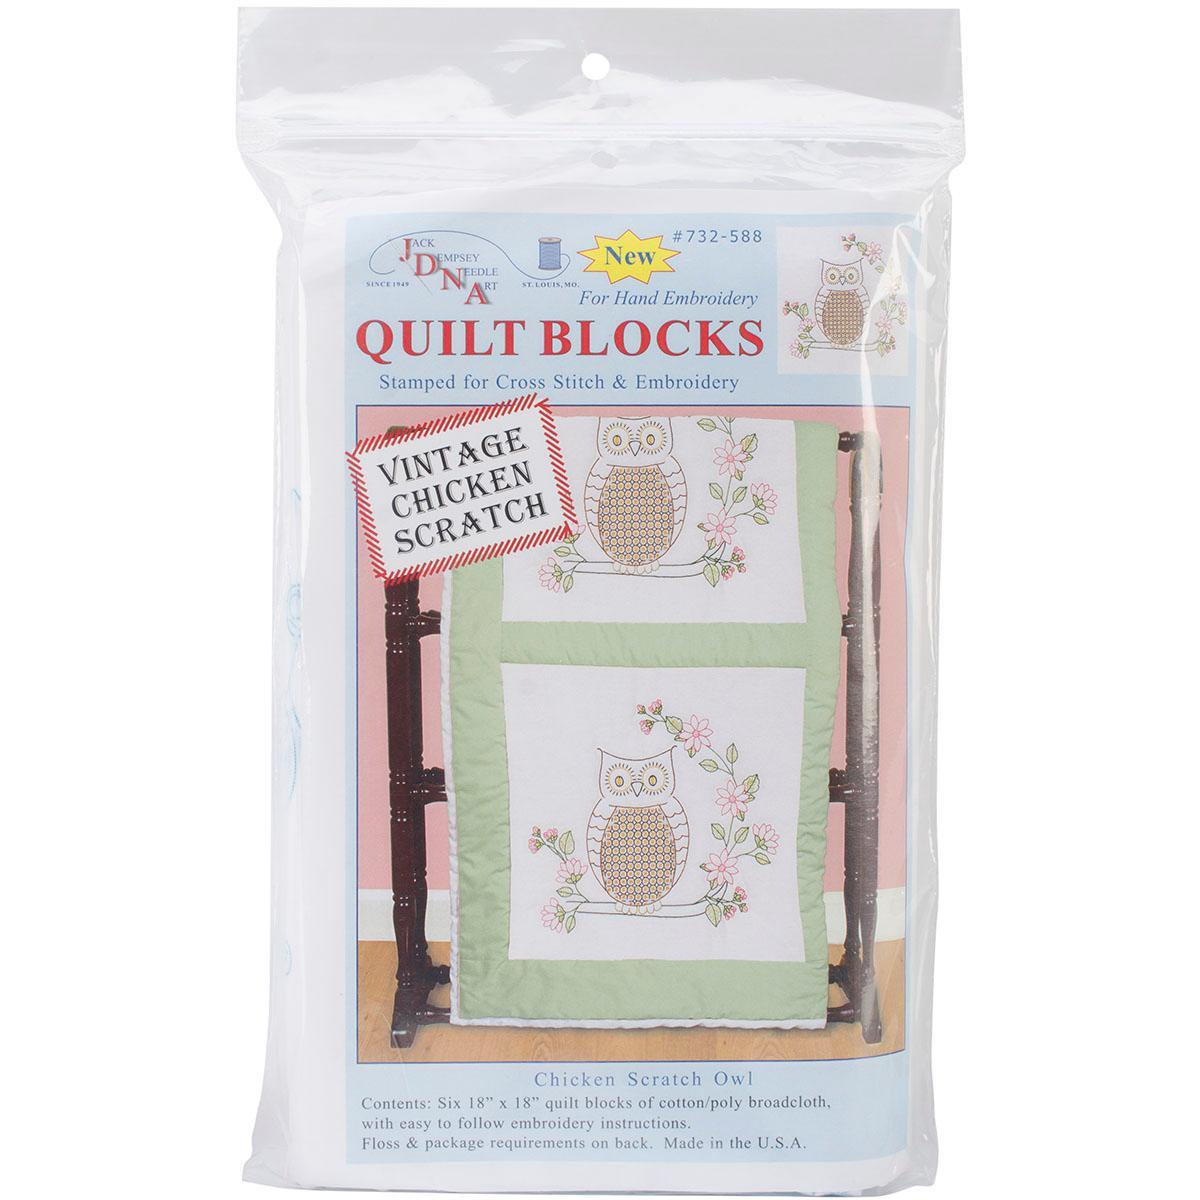 Jack Dempsey Stamped White Quilt Blocks 18 X18 6/Pkg - Chicken Scratch Owls